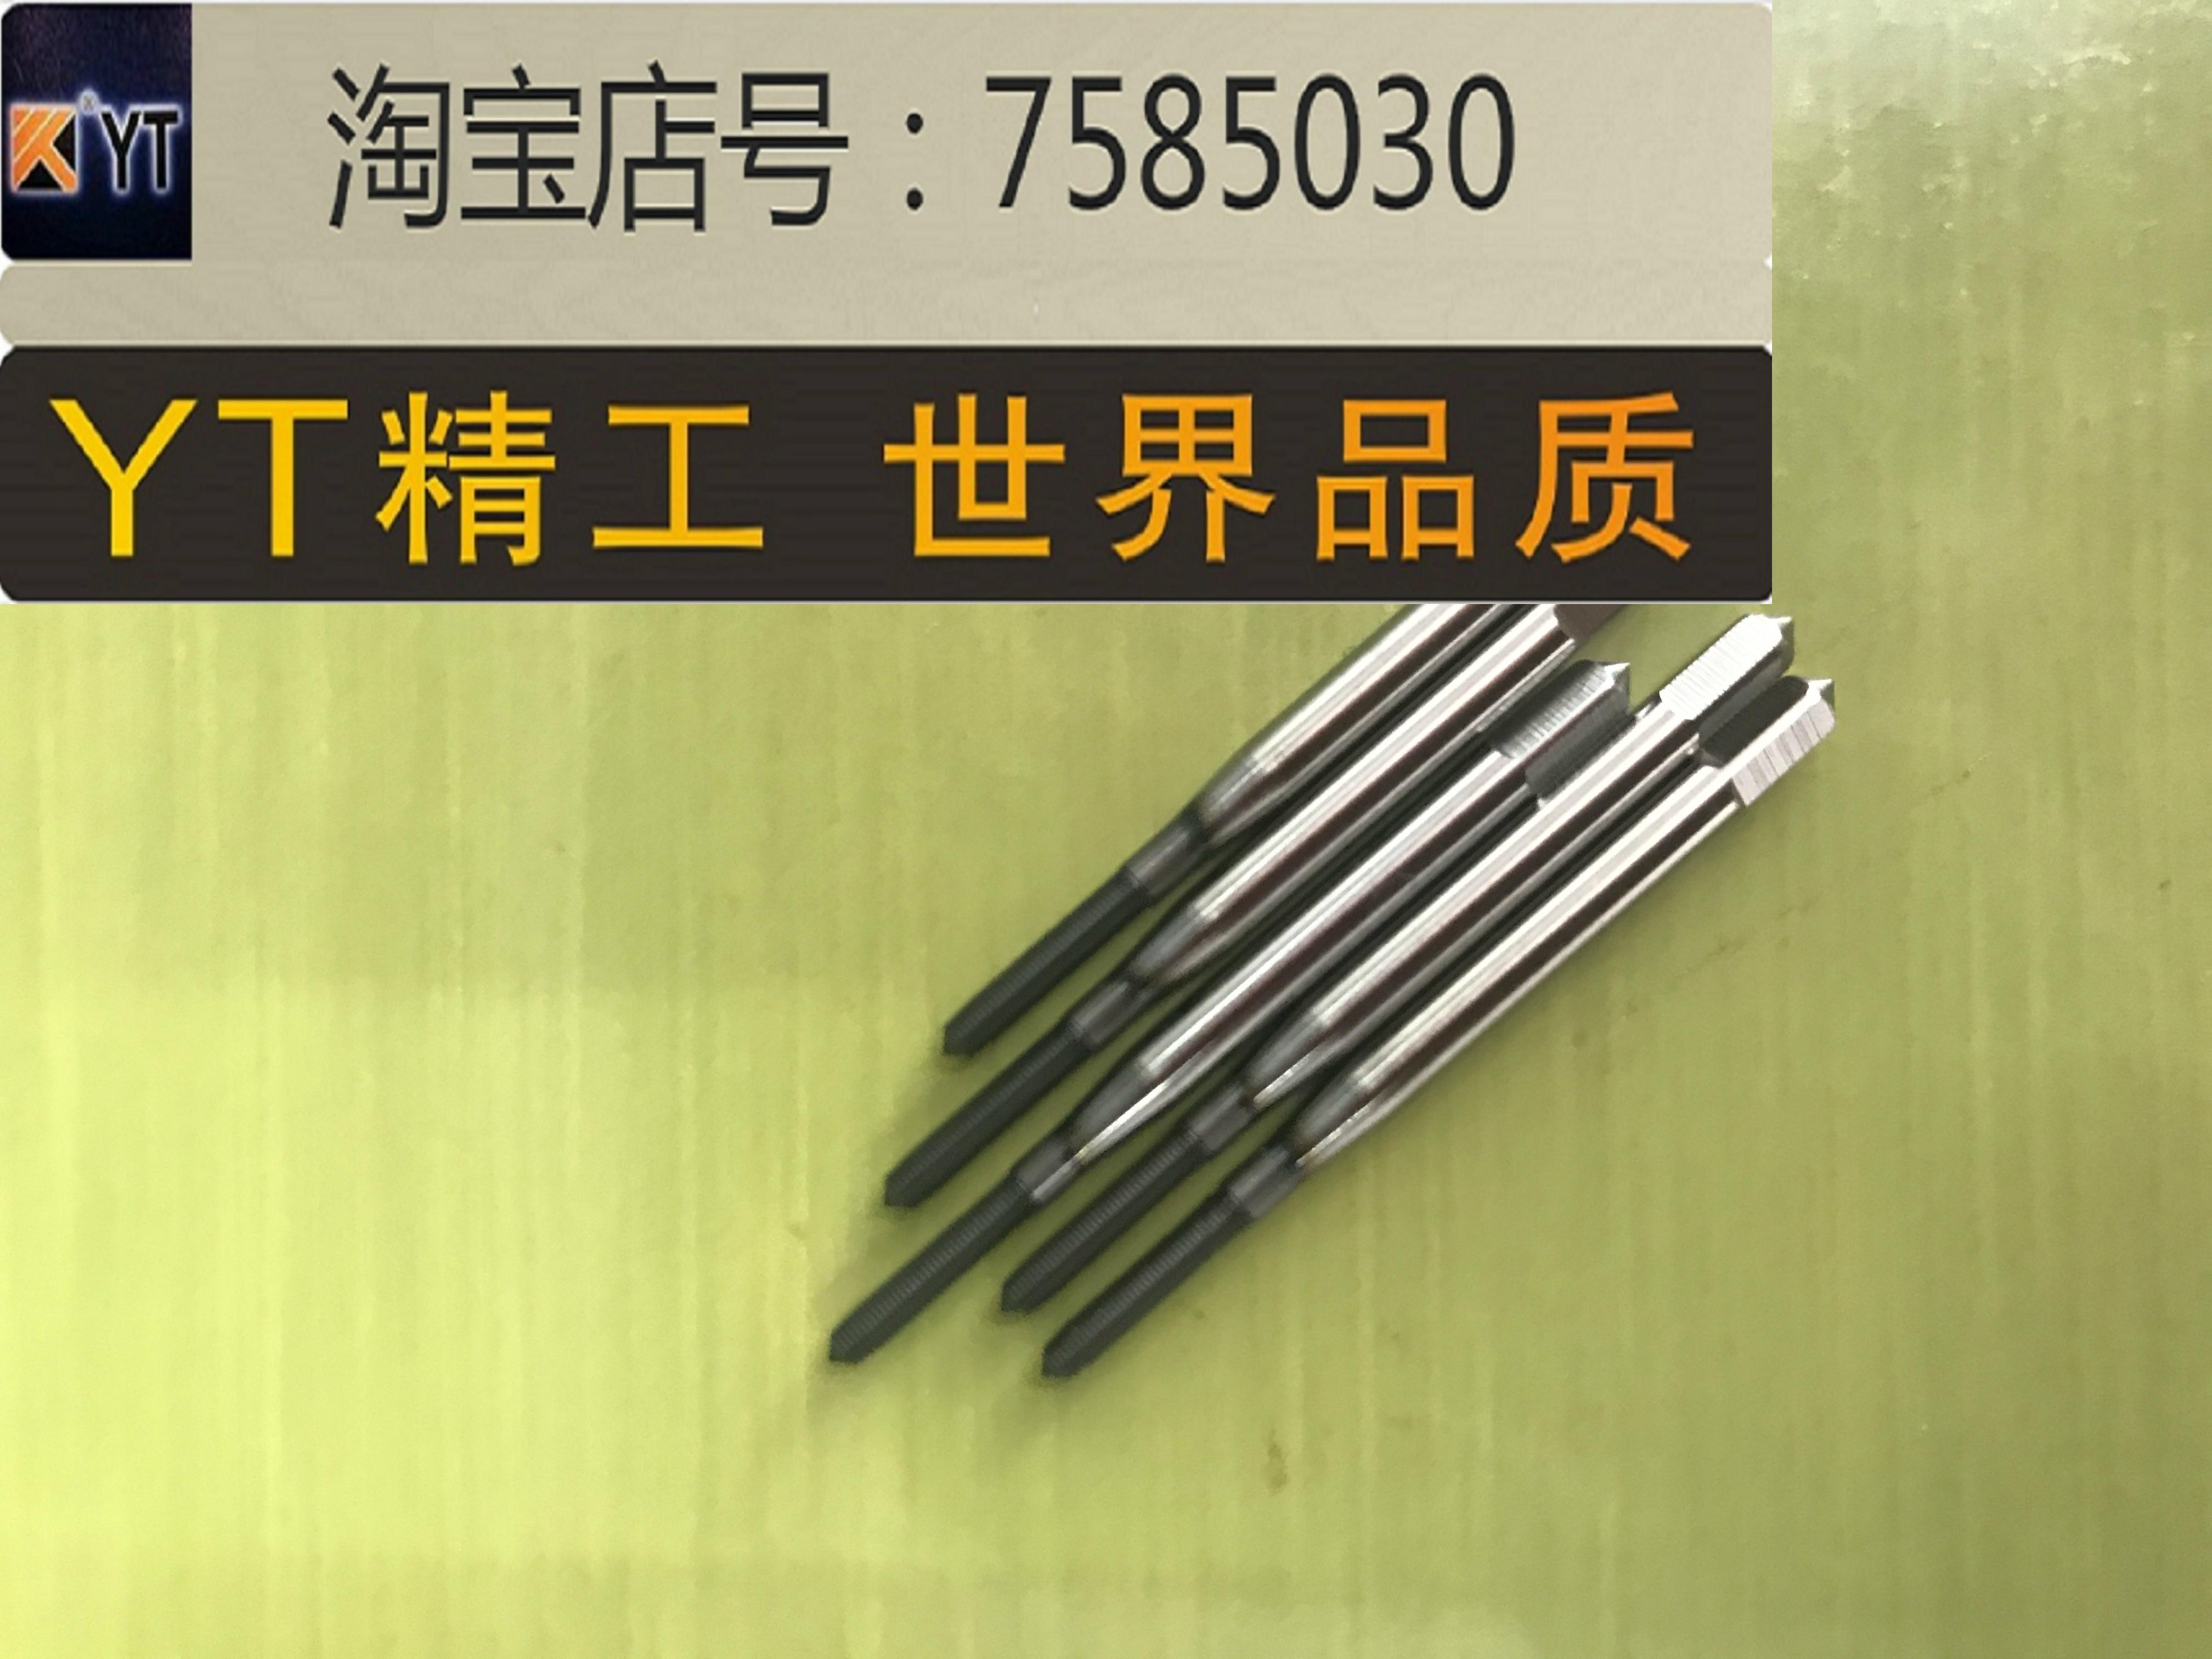 japán TICN yt metrikus pm por 镀钛 M2.3*0.4M2.5*0.45M2.6*0.45 majd vissza.